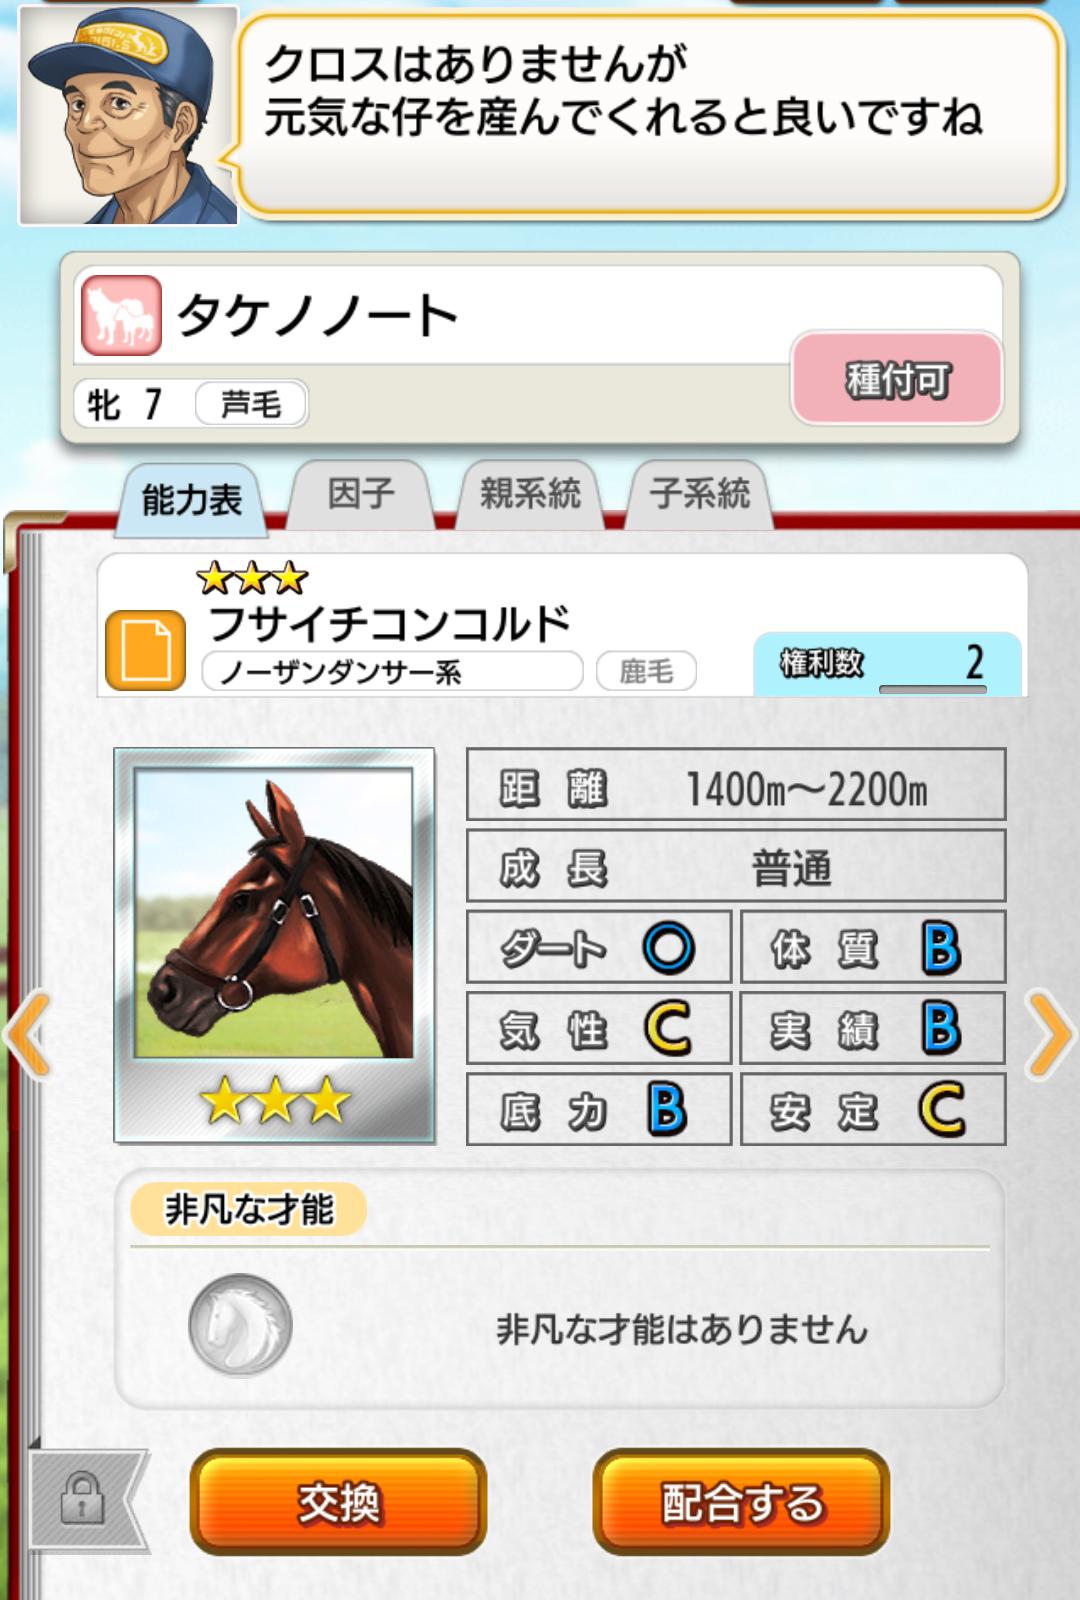 ダービースタリオン マスターズ【攻略】:配合理論をマスターして狙いどおりの馬をつくり出せ!